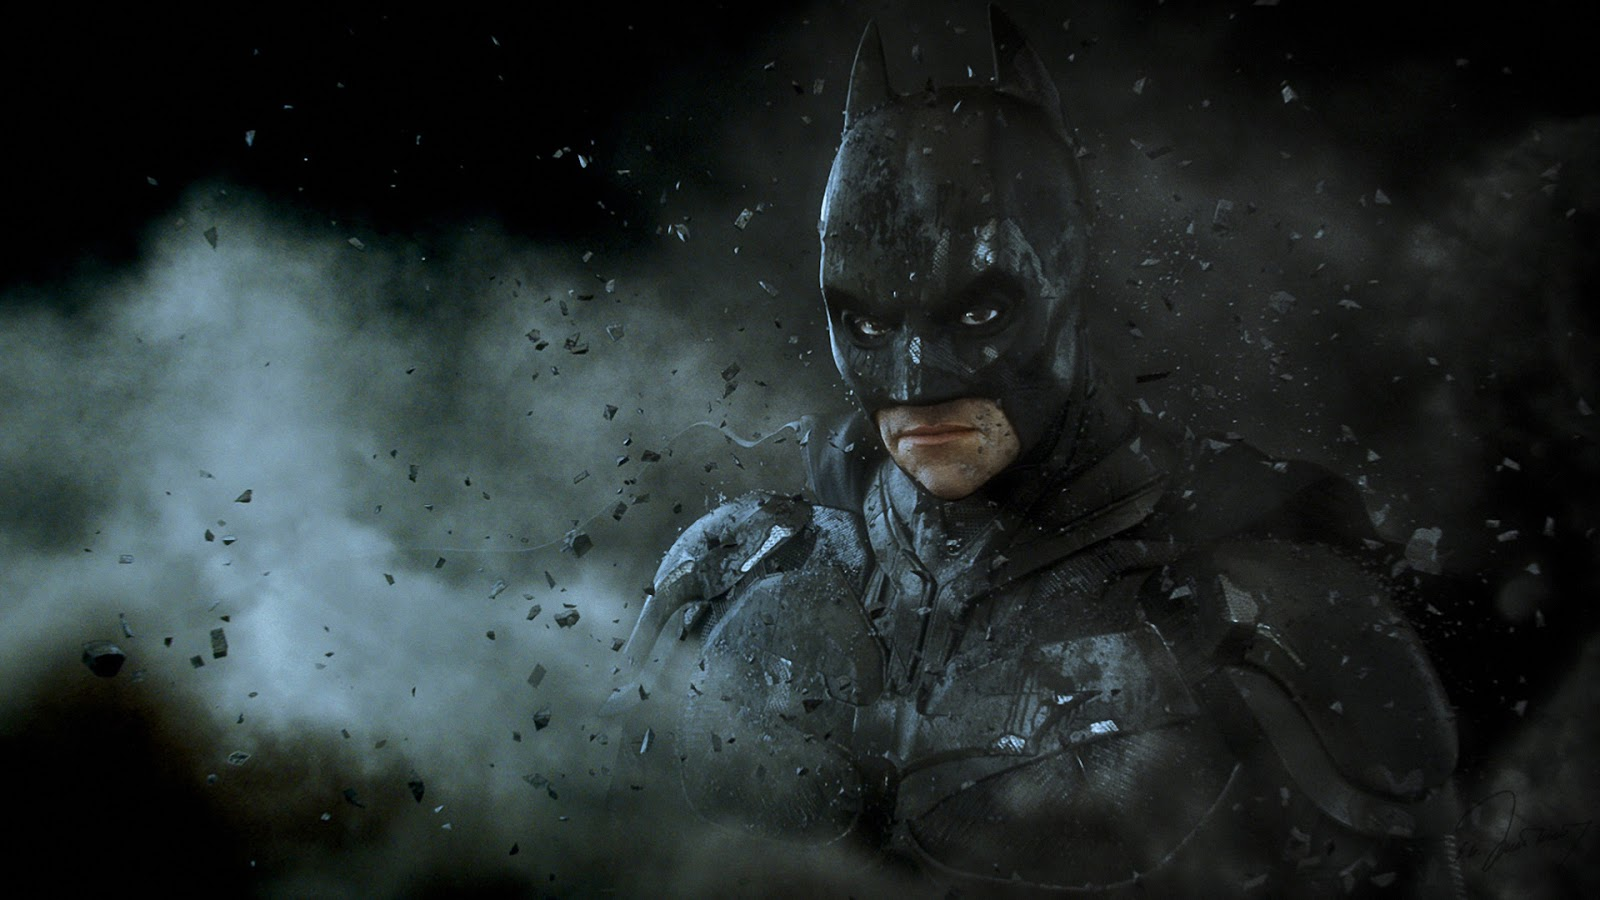 Fond d 39 cran batman hd gratuit fond d 39 cran hd for Fond ecran hd pc 2016